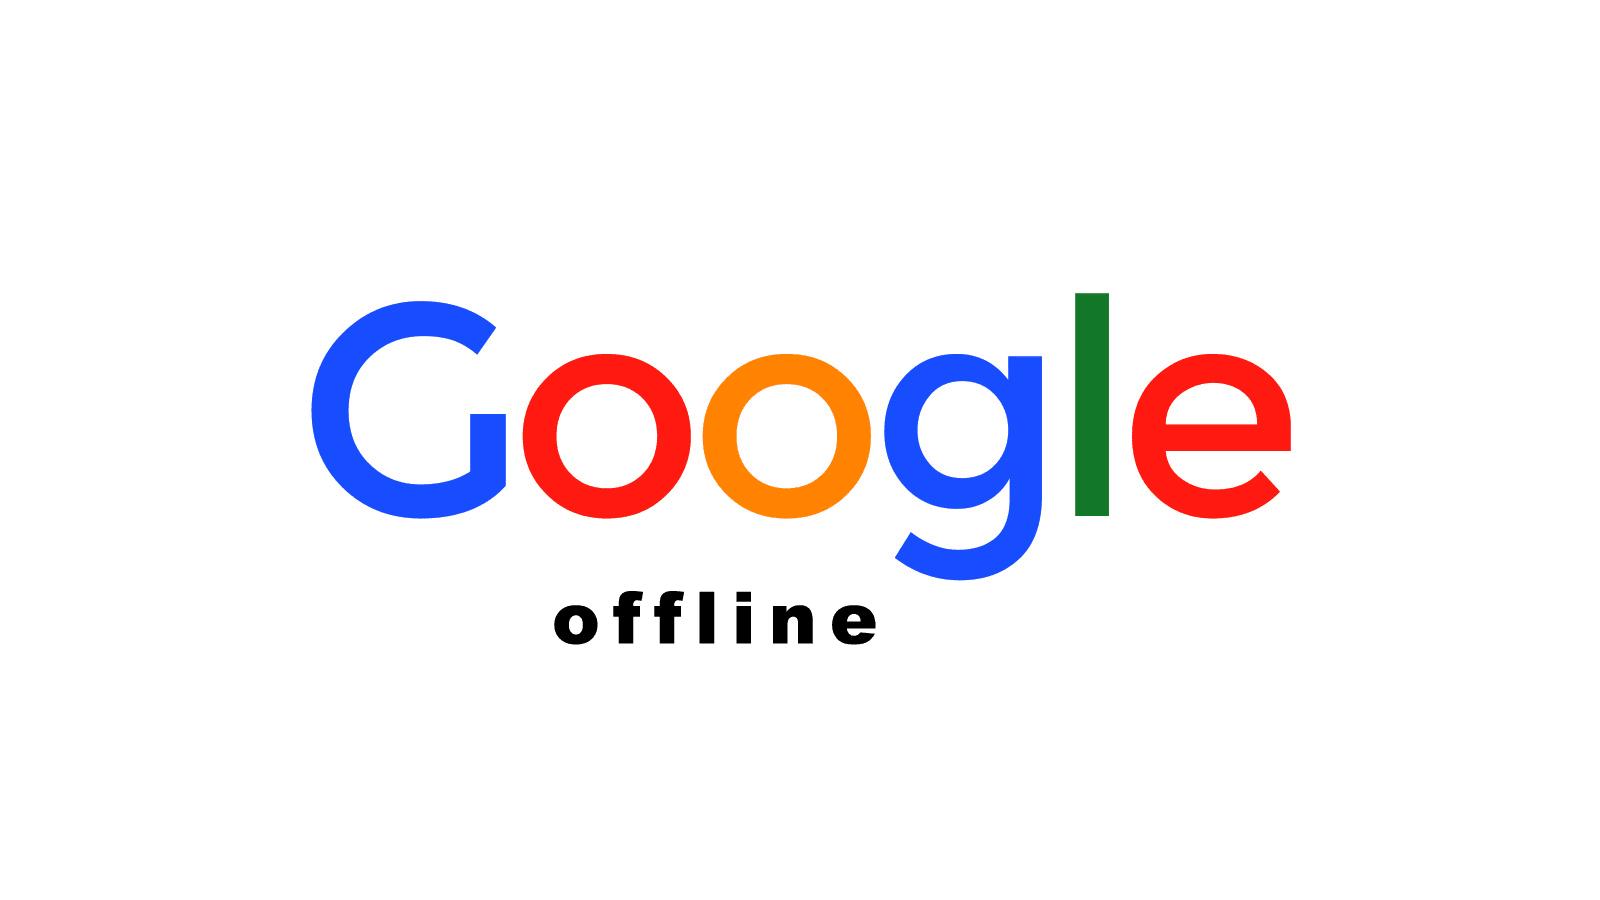 В работе сервисов Google произошёл массовый сбой всех сервисов